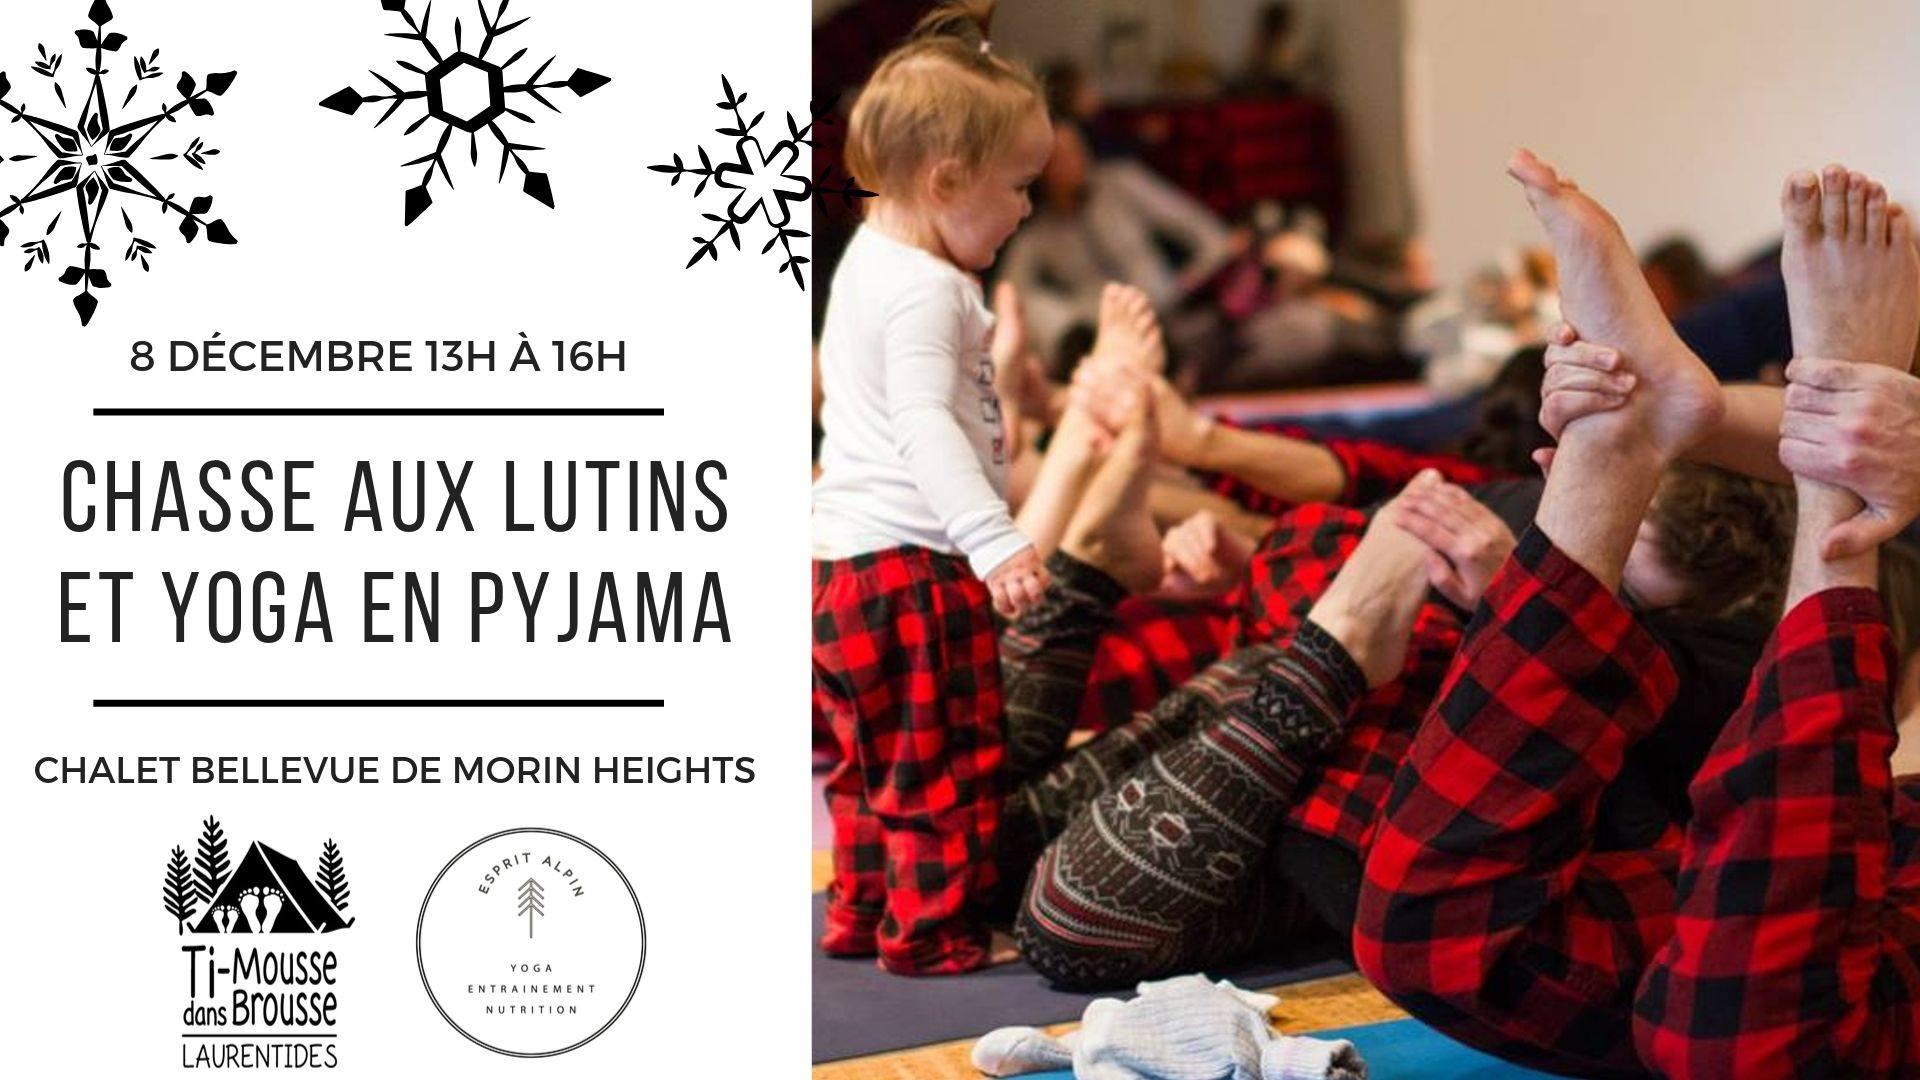 Chasse aux lutins et yoga en pyjamas